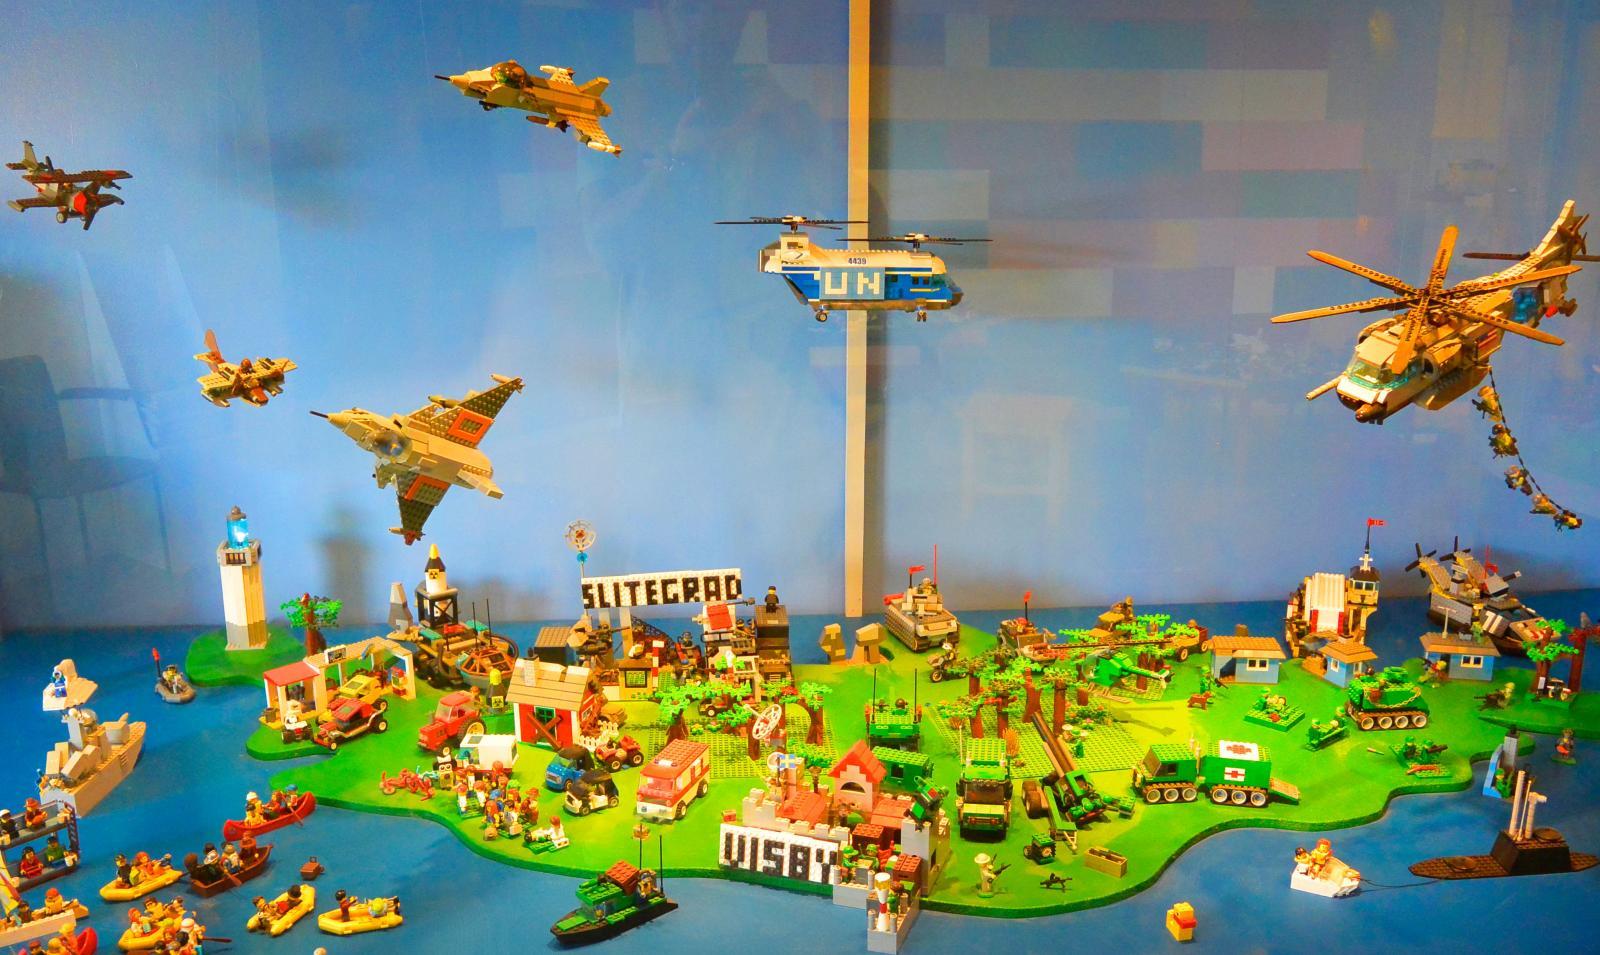 Legomodeller och en uppfinnarverkstad förgyller besöket för de små.